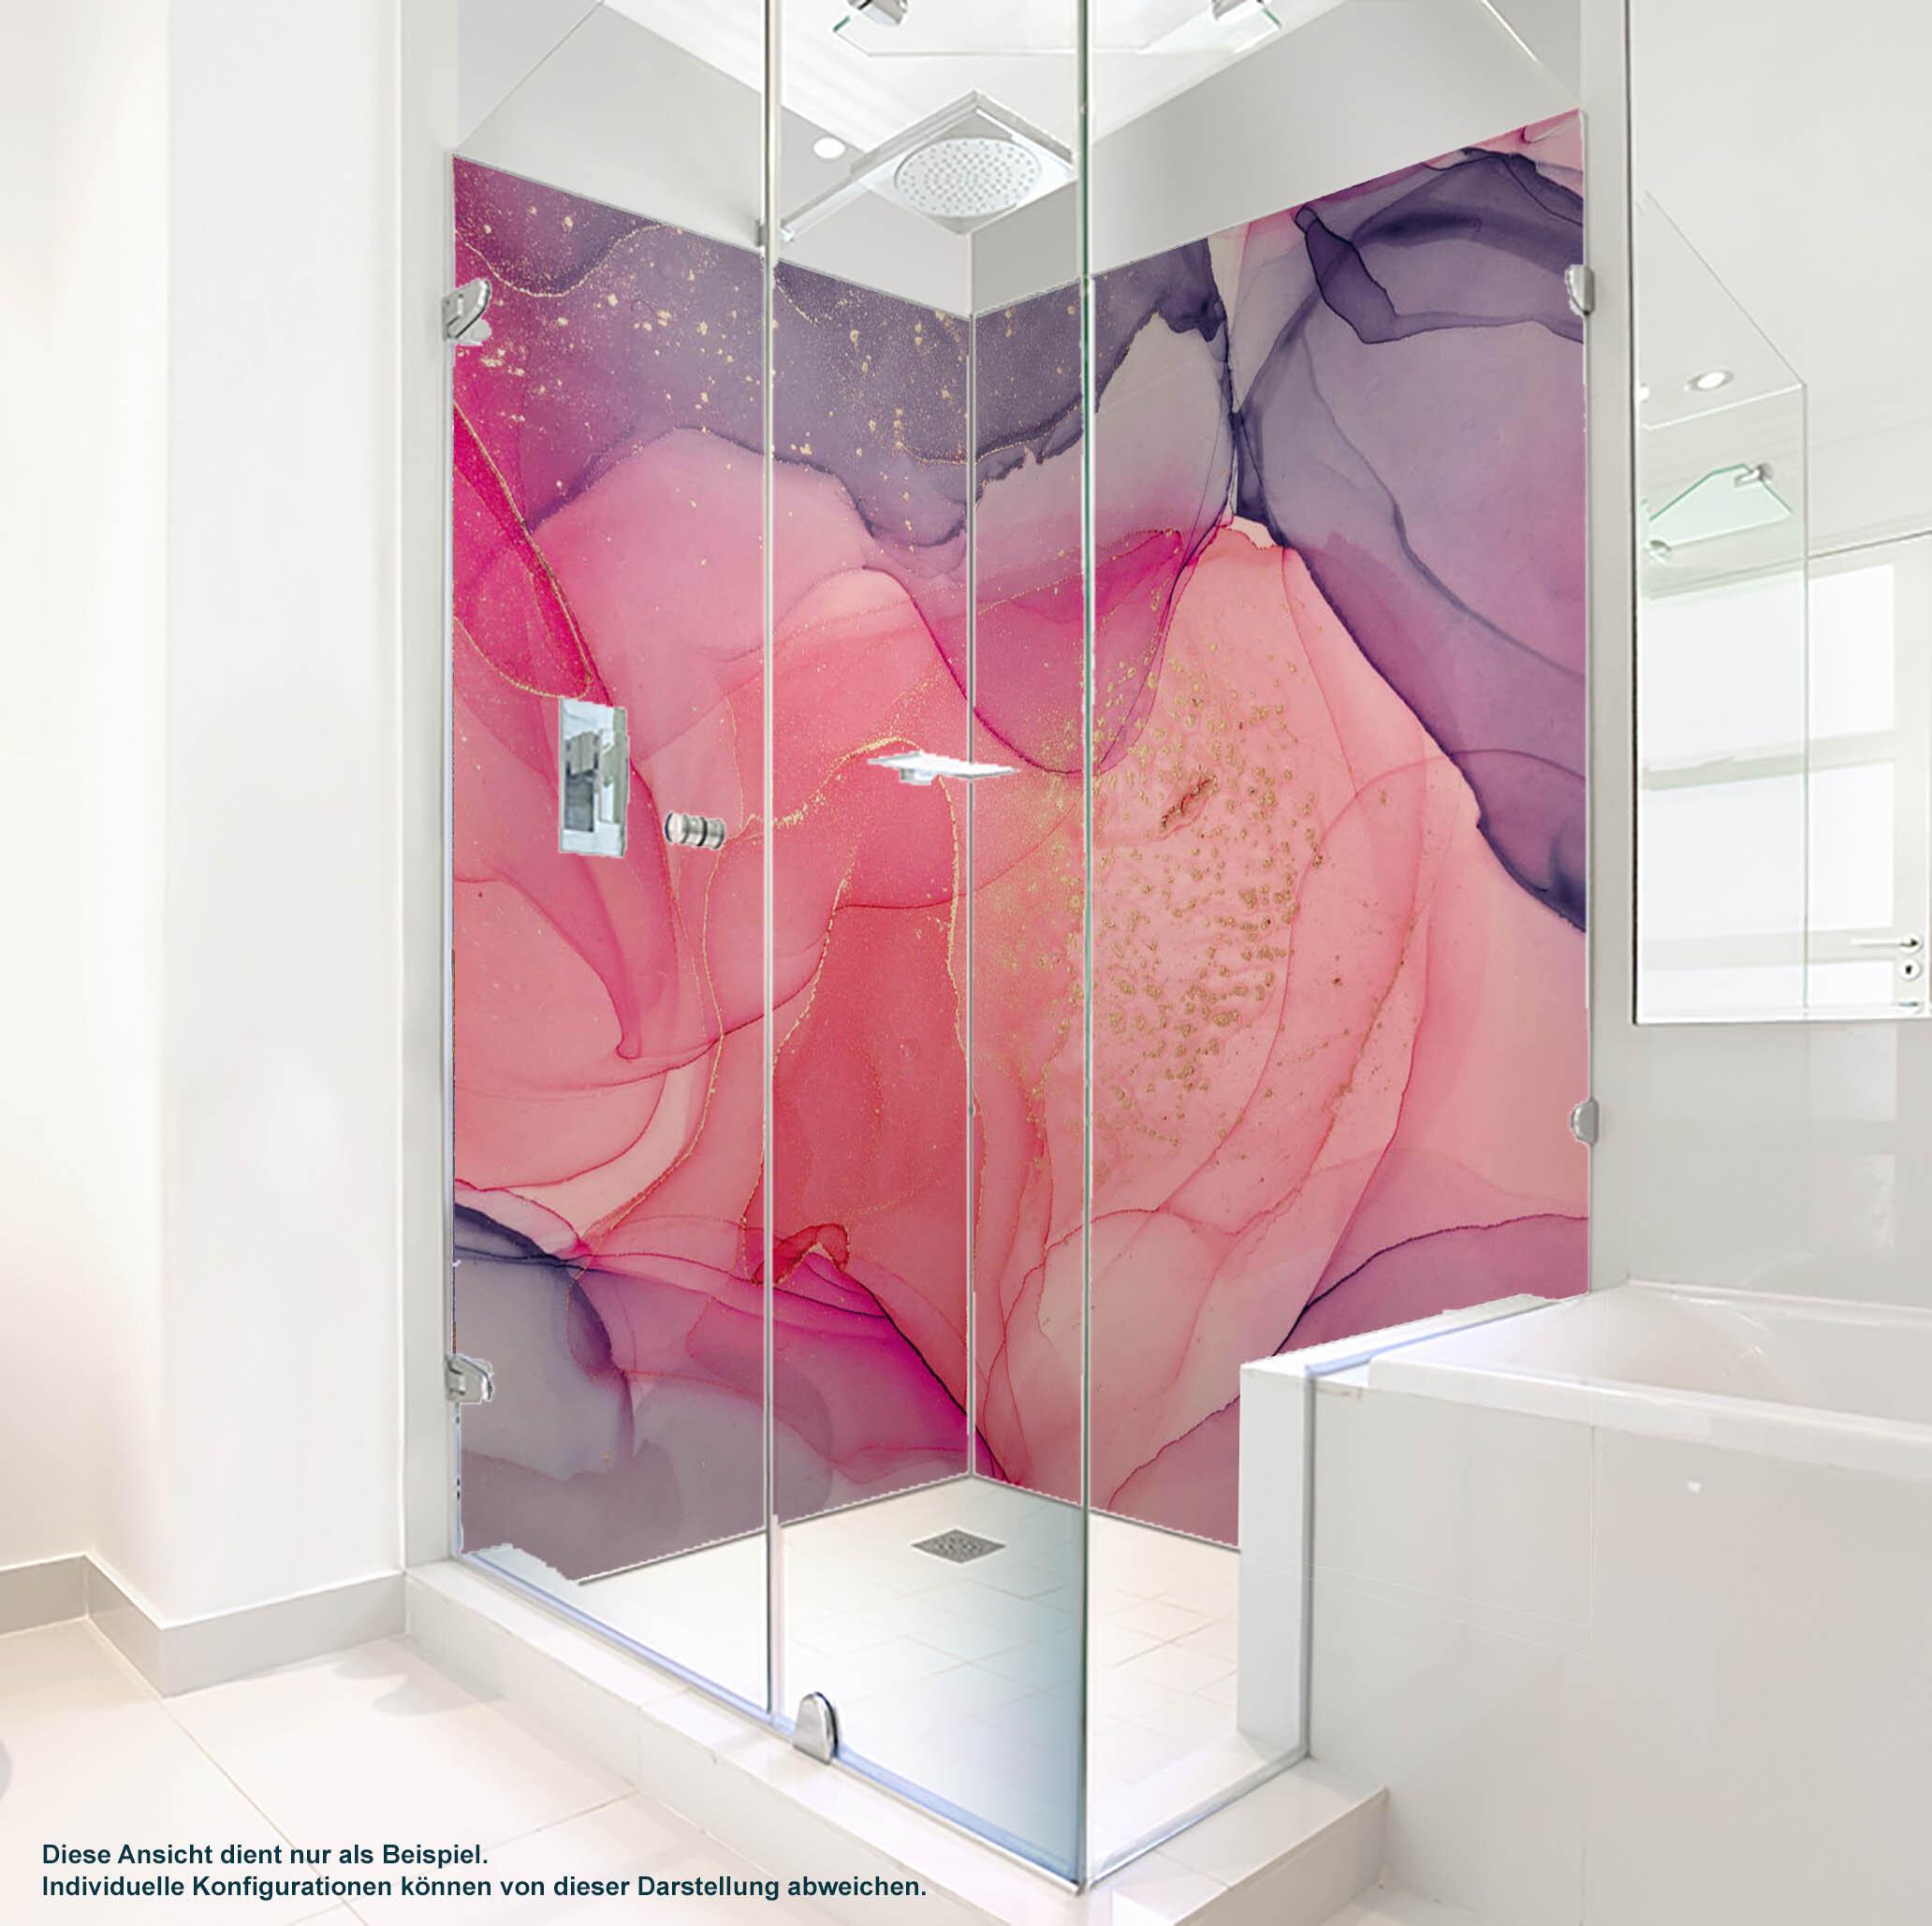 Dusche PlateART Duschrückwand mit Motiv Design